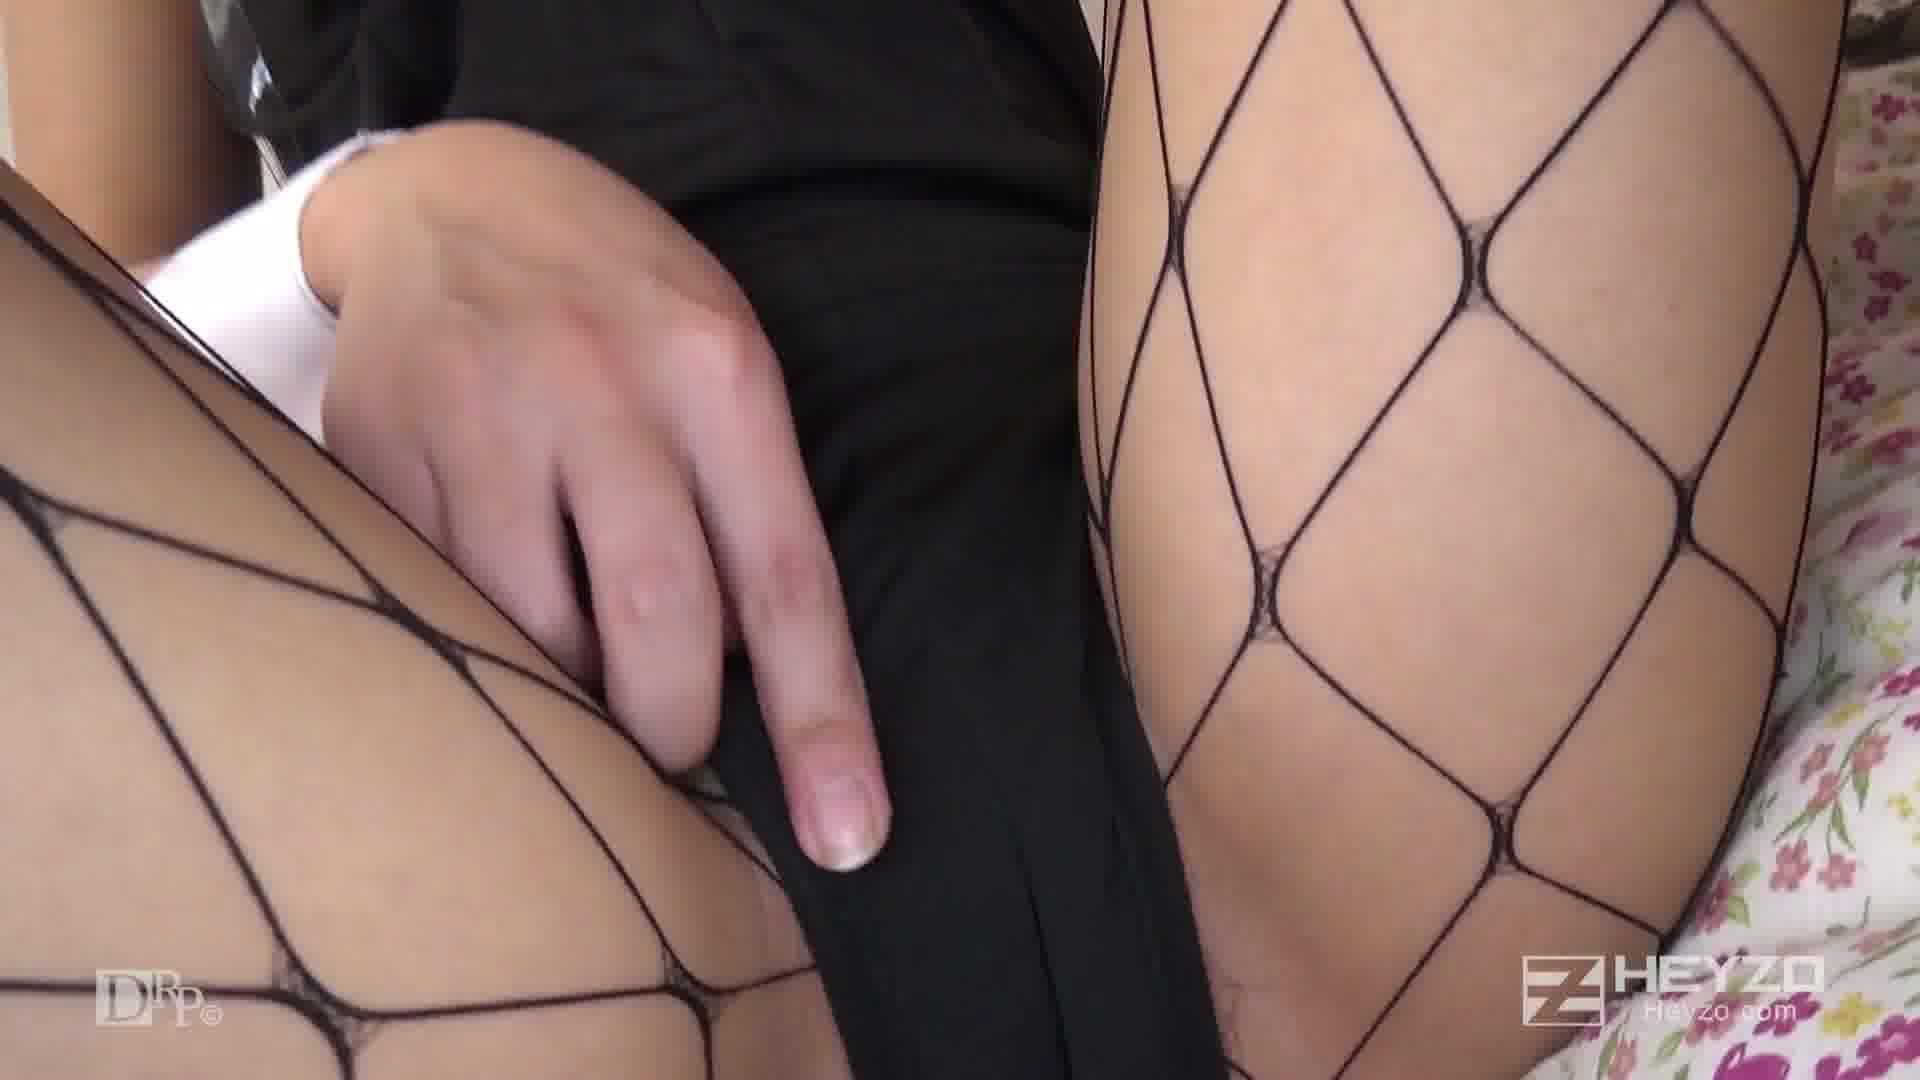 ナンパ即エッチ!~股のユルいコスプレイヤー~ - 舞坂仁美【過激撮影会 乳首いじり オナニー】